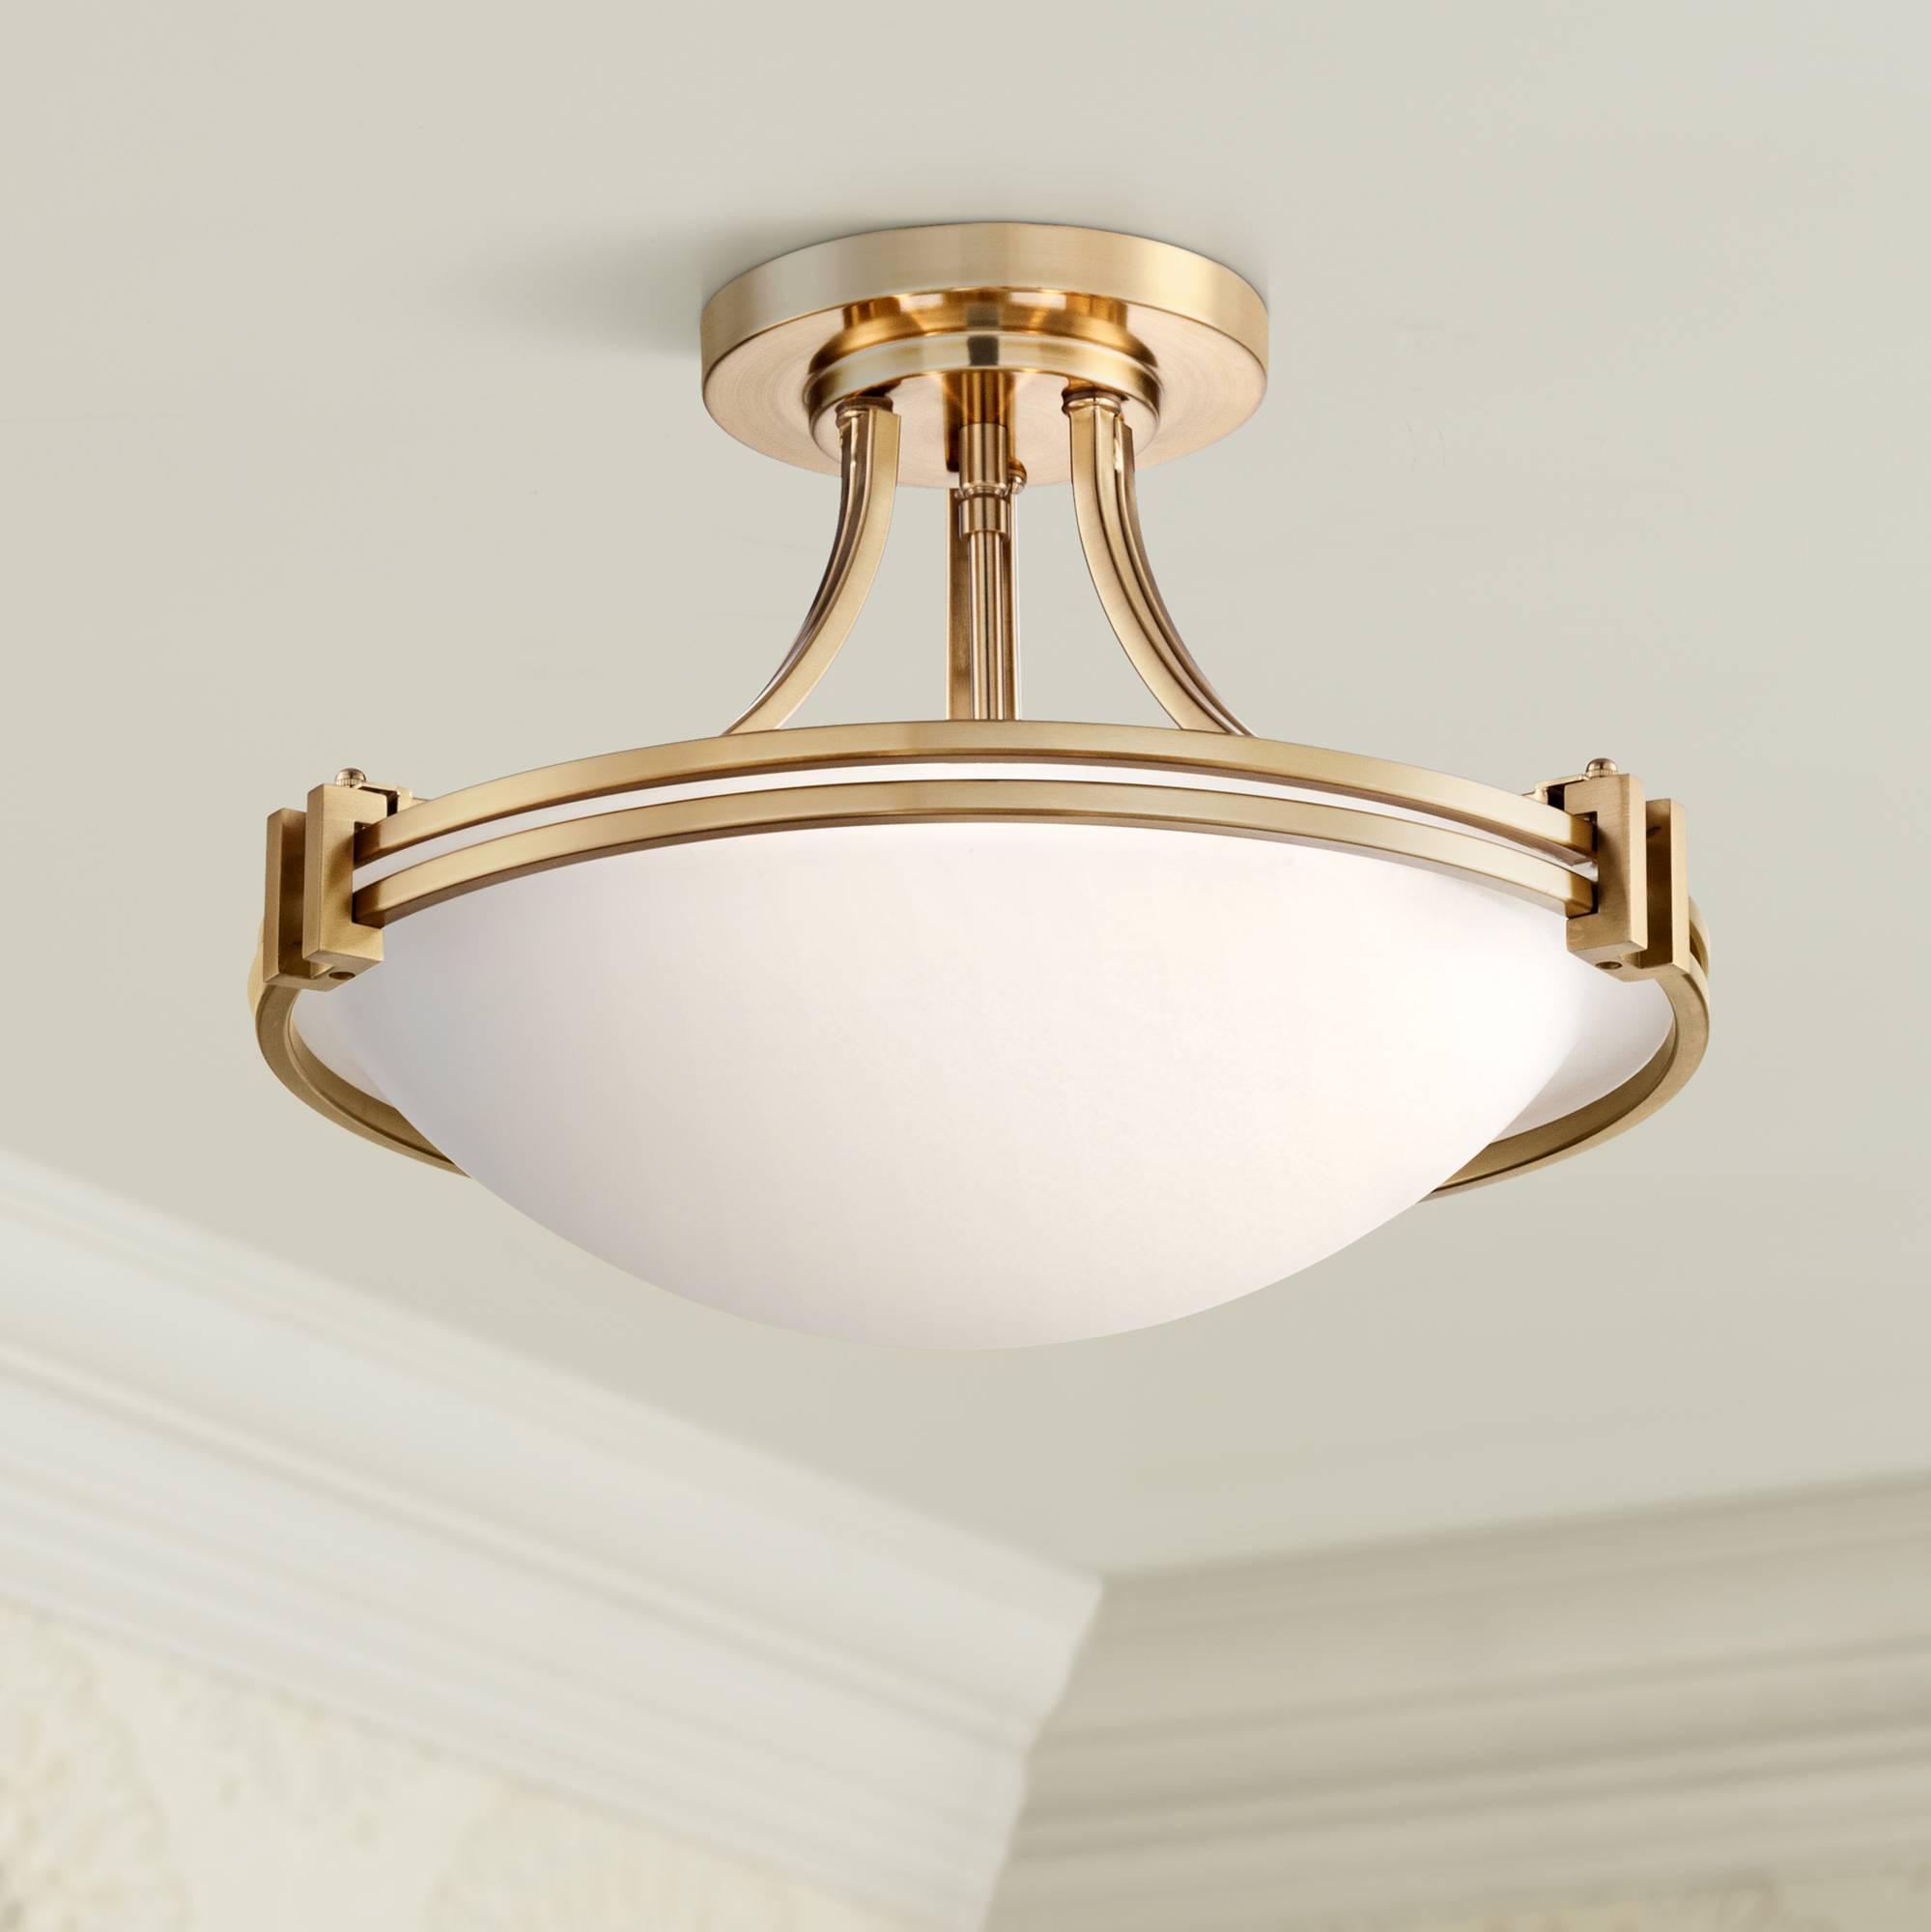 Details about Modern Ceiling Light Semi Flush Mount Fixture Art Deco Brass  16\